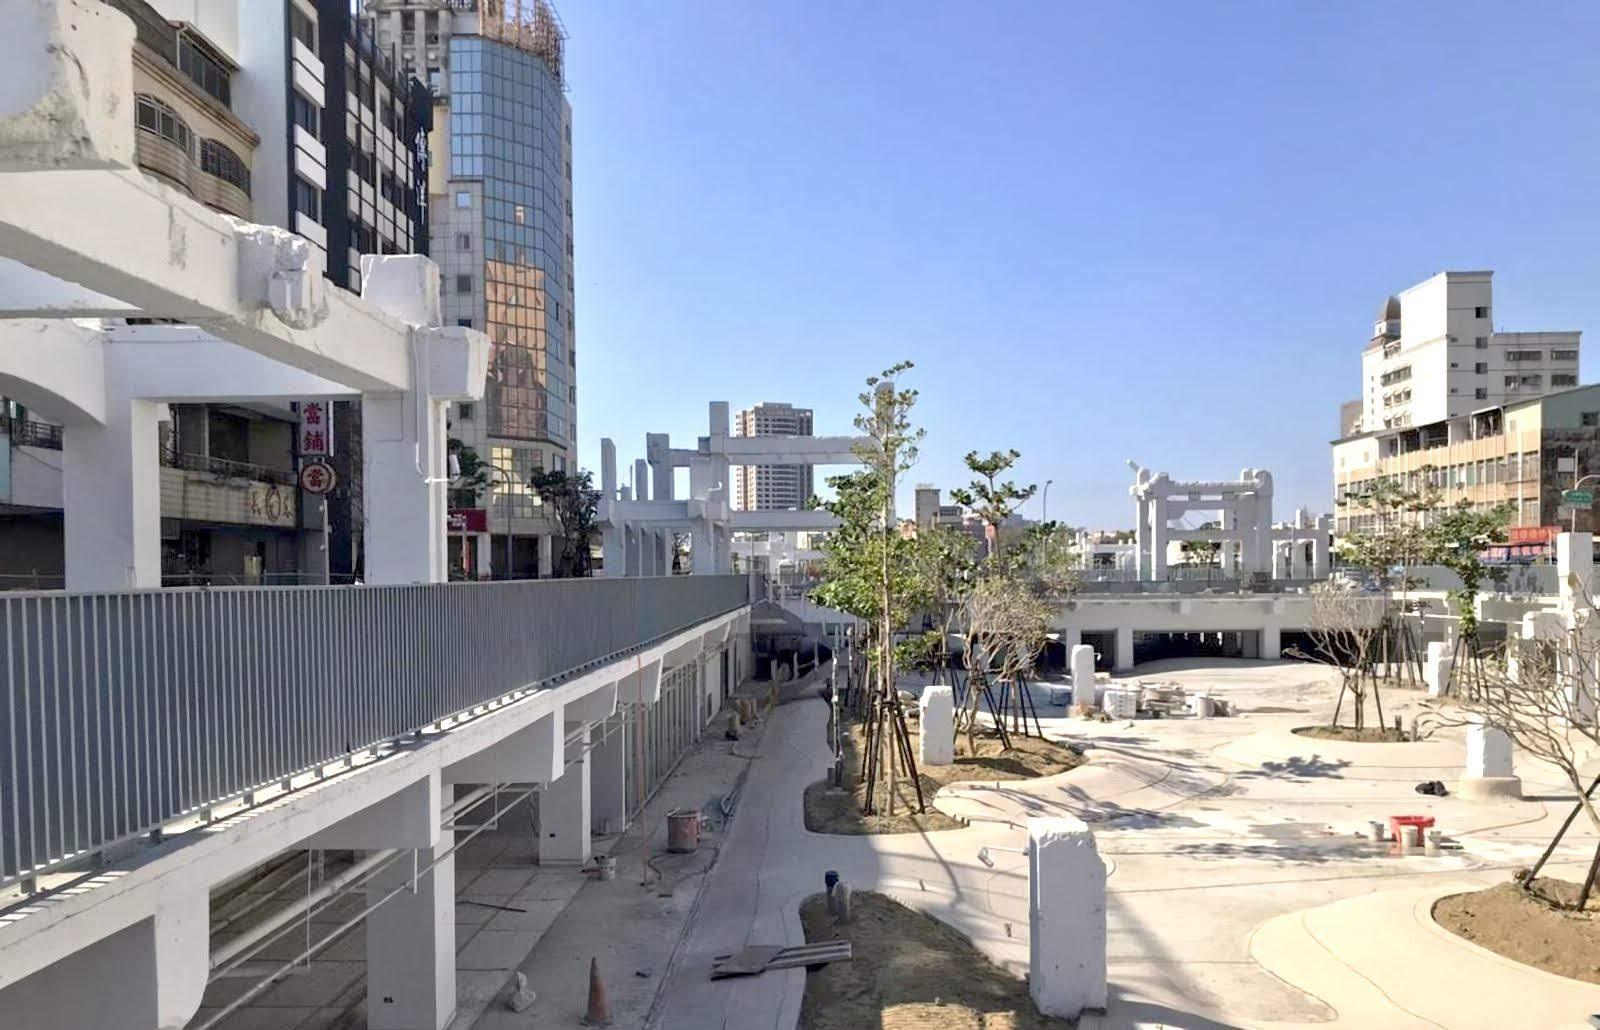 復活!台南中國城重建定名「河樂」廣場|2019年底完工、最快2020/2底前開放|世界7大令人期待的公園